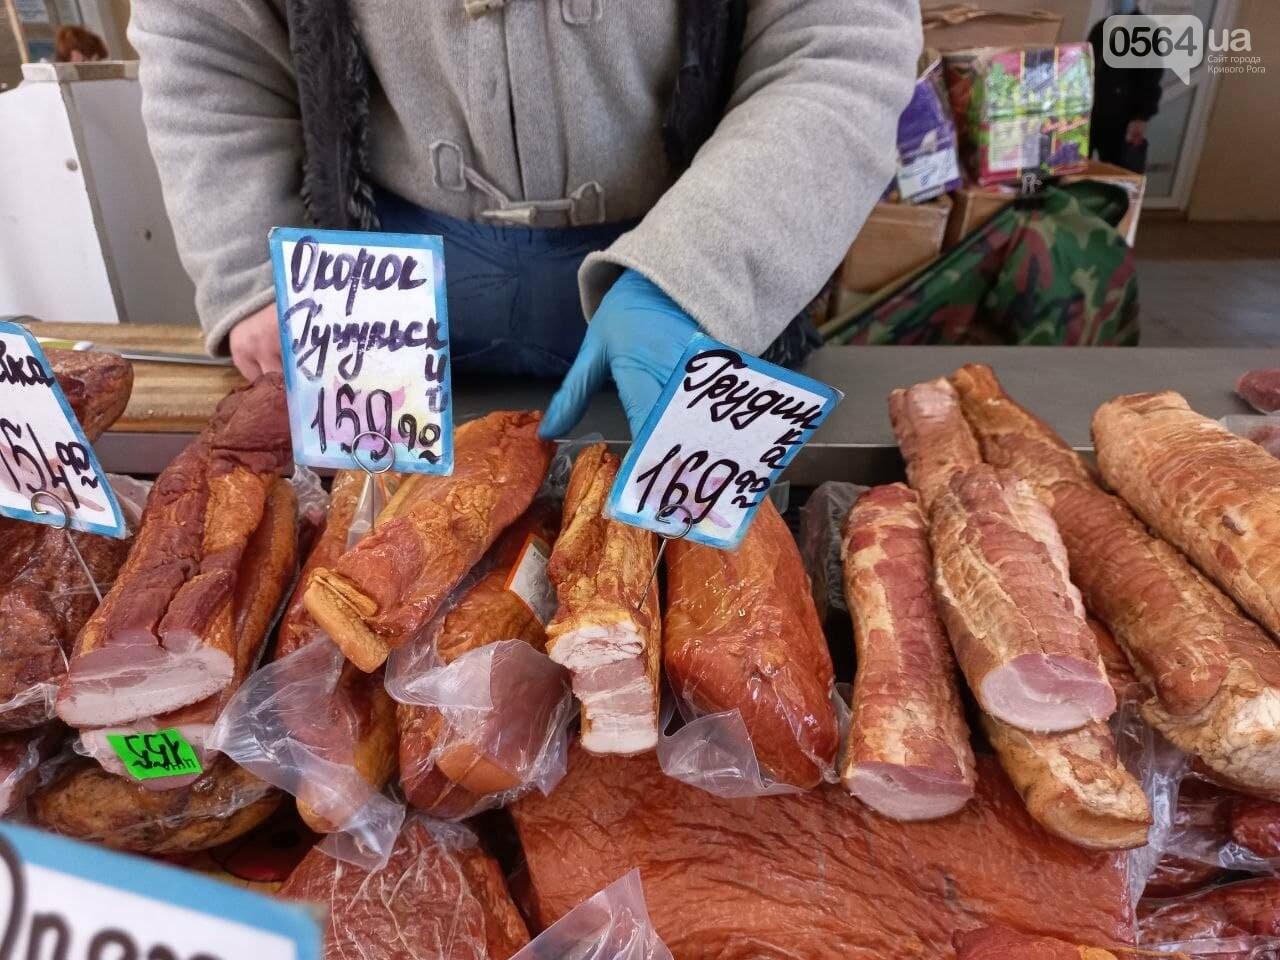 Пасхальная корзина 2021: сколько стоит традиционный праздничный набор продуктов в Кривом Роге, - ФОТО, фото-23